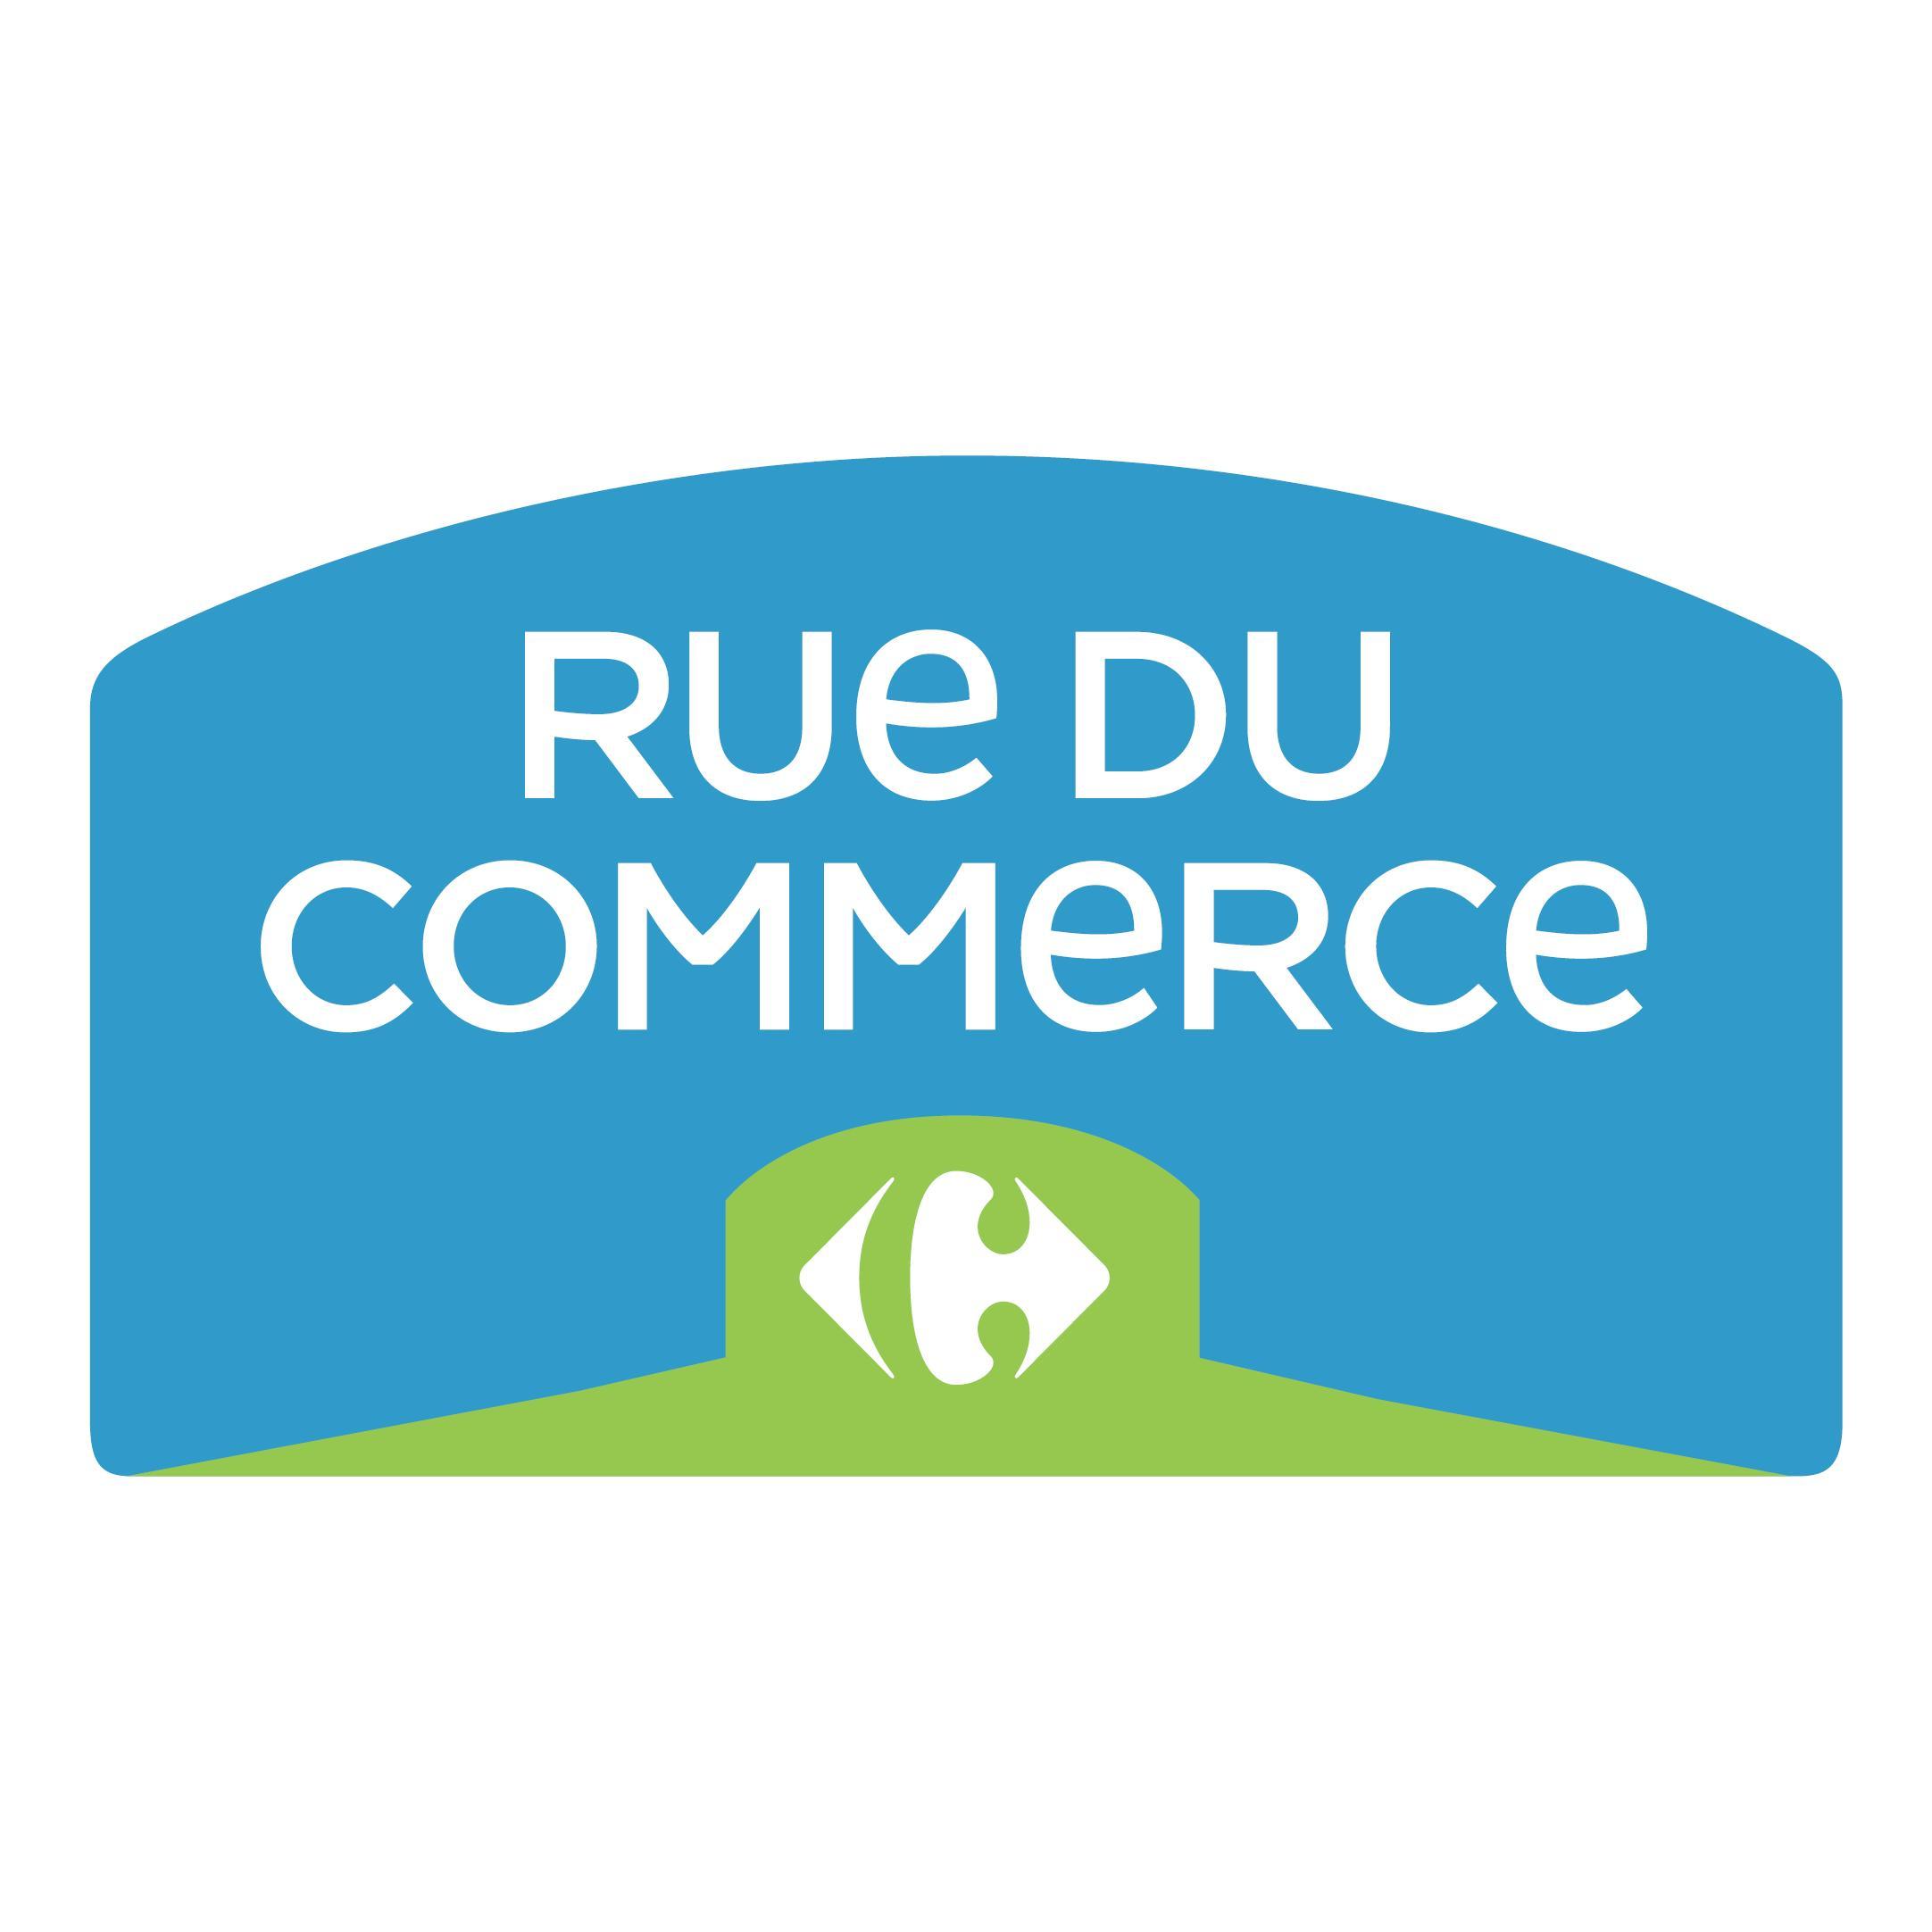 Jusqu'à 30€ de réduction sur les catégories Mode, Cuisine, Jouets, Puériculture, Sport et Auto et jusqu'à 100€ sur le reste